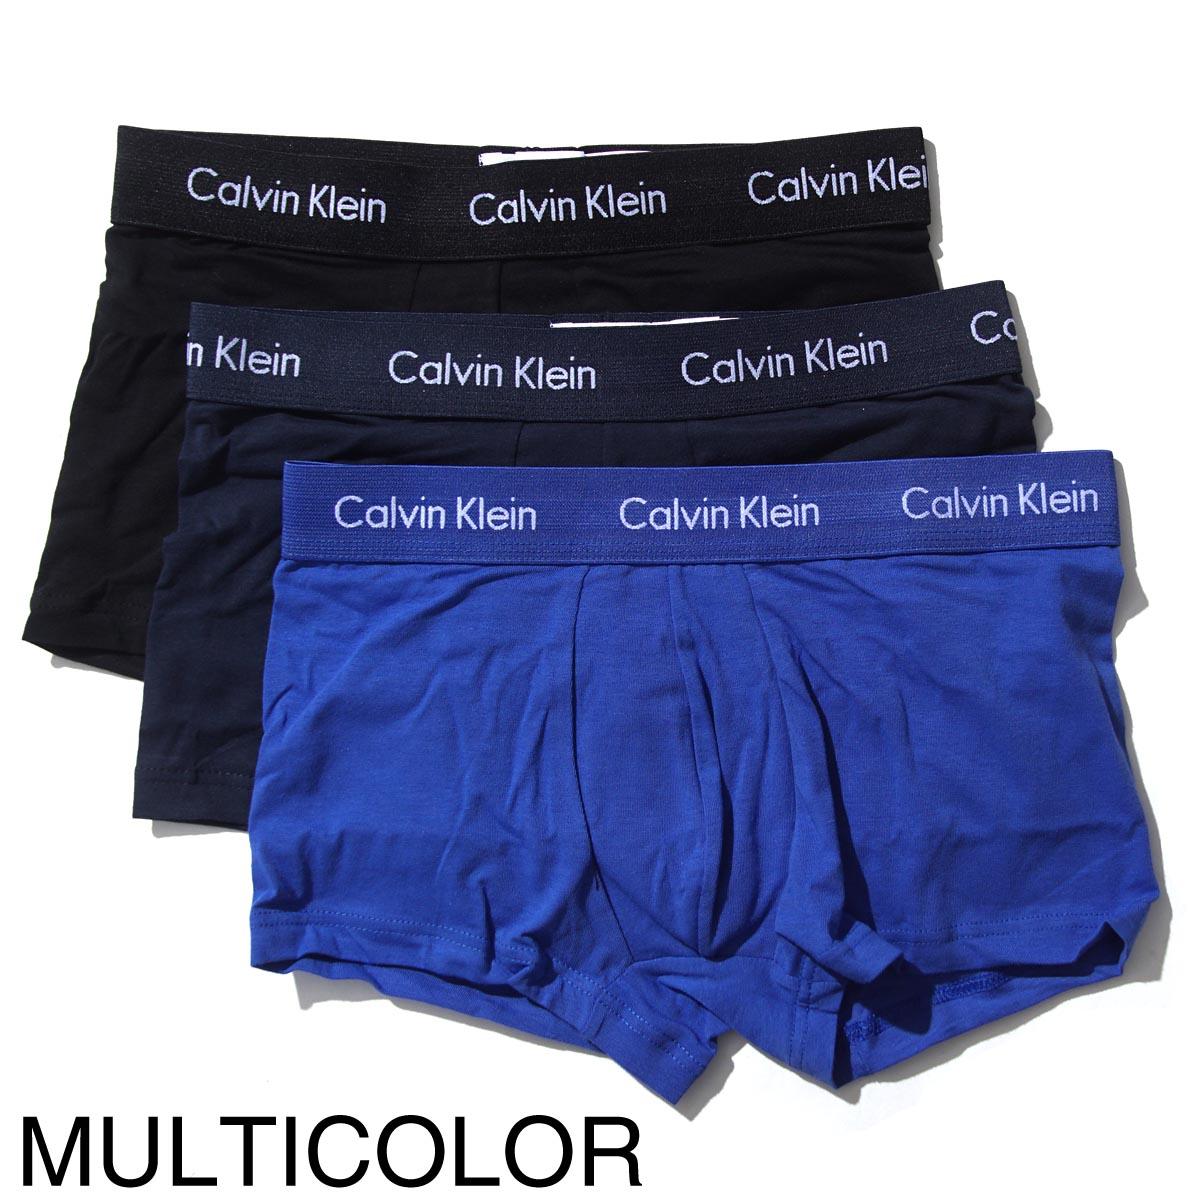 Calvin Klein カルバンクライン ボクサーパンツ 3枚セット/3 LOW RISE TRUNK スリー ローライズ ライズ トランク【返品交換不可】 メンズ